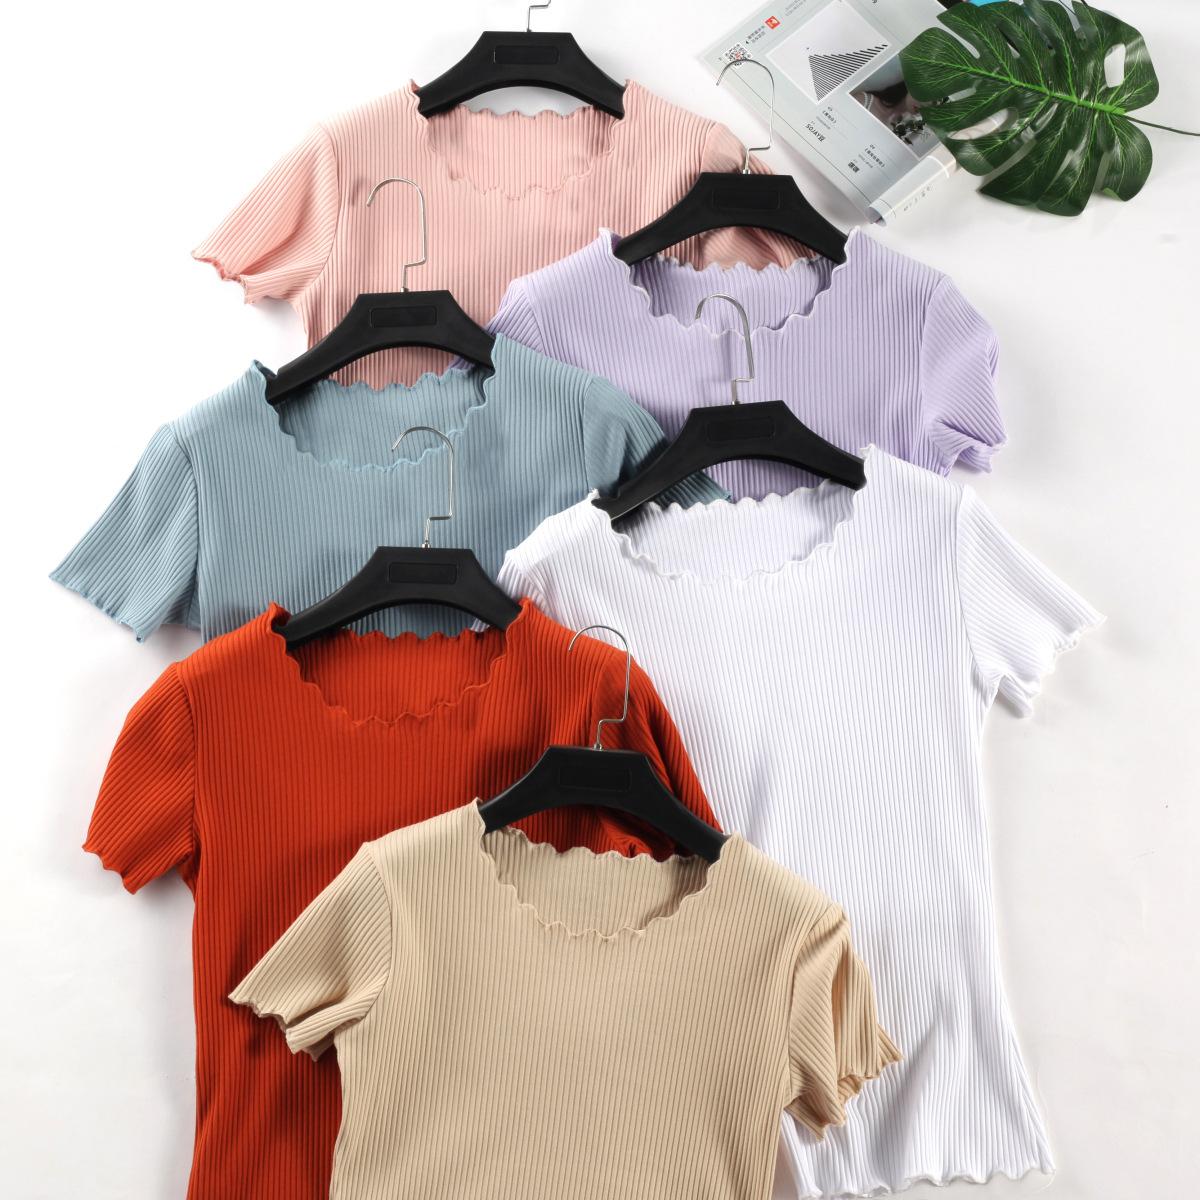 2019春夏新款木耳边短袖T恤女夏 坑条纯棉打底衫 纯色上衣27